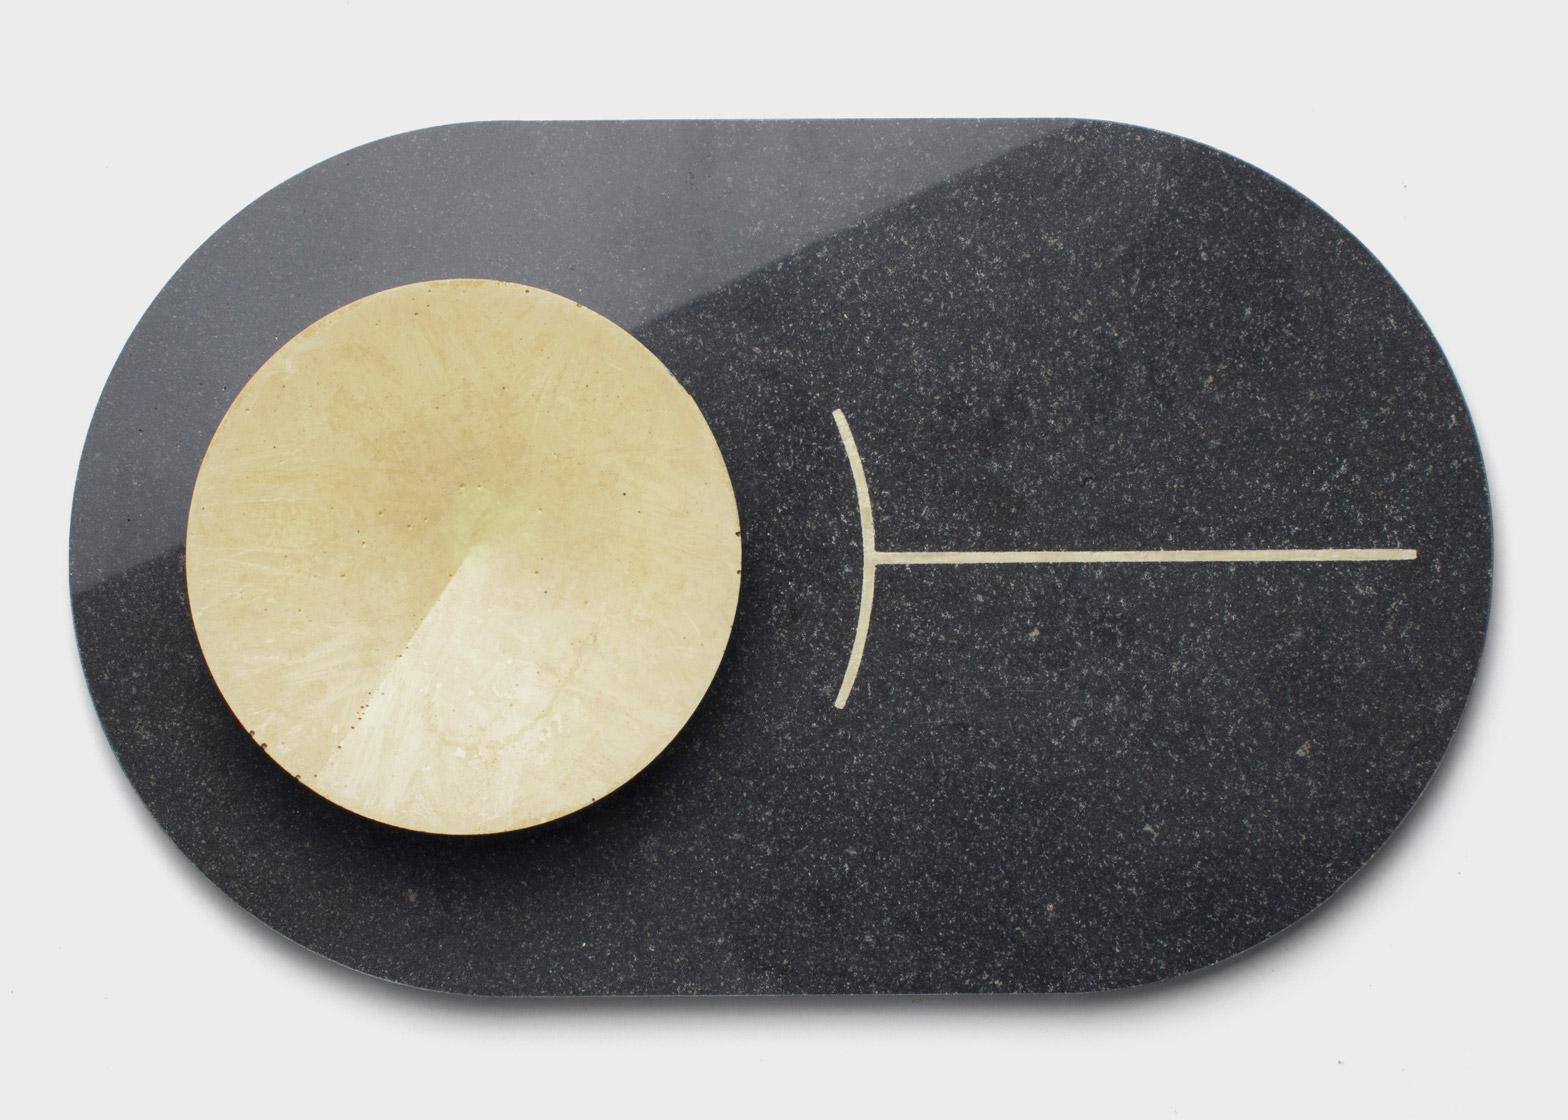 Sulphur Archive by Garðar Eyjólfsson